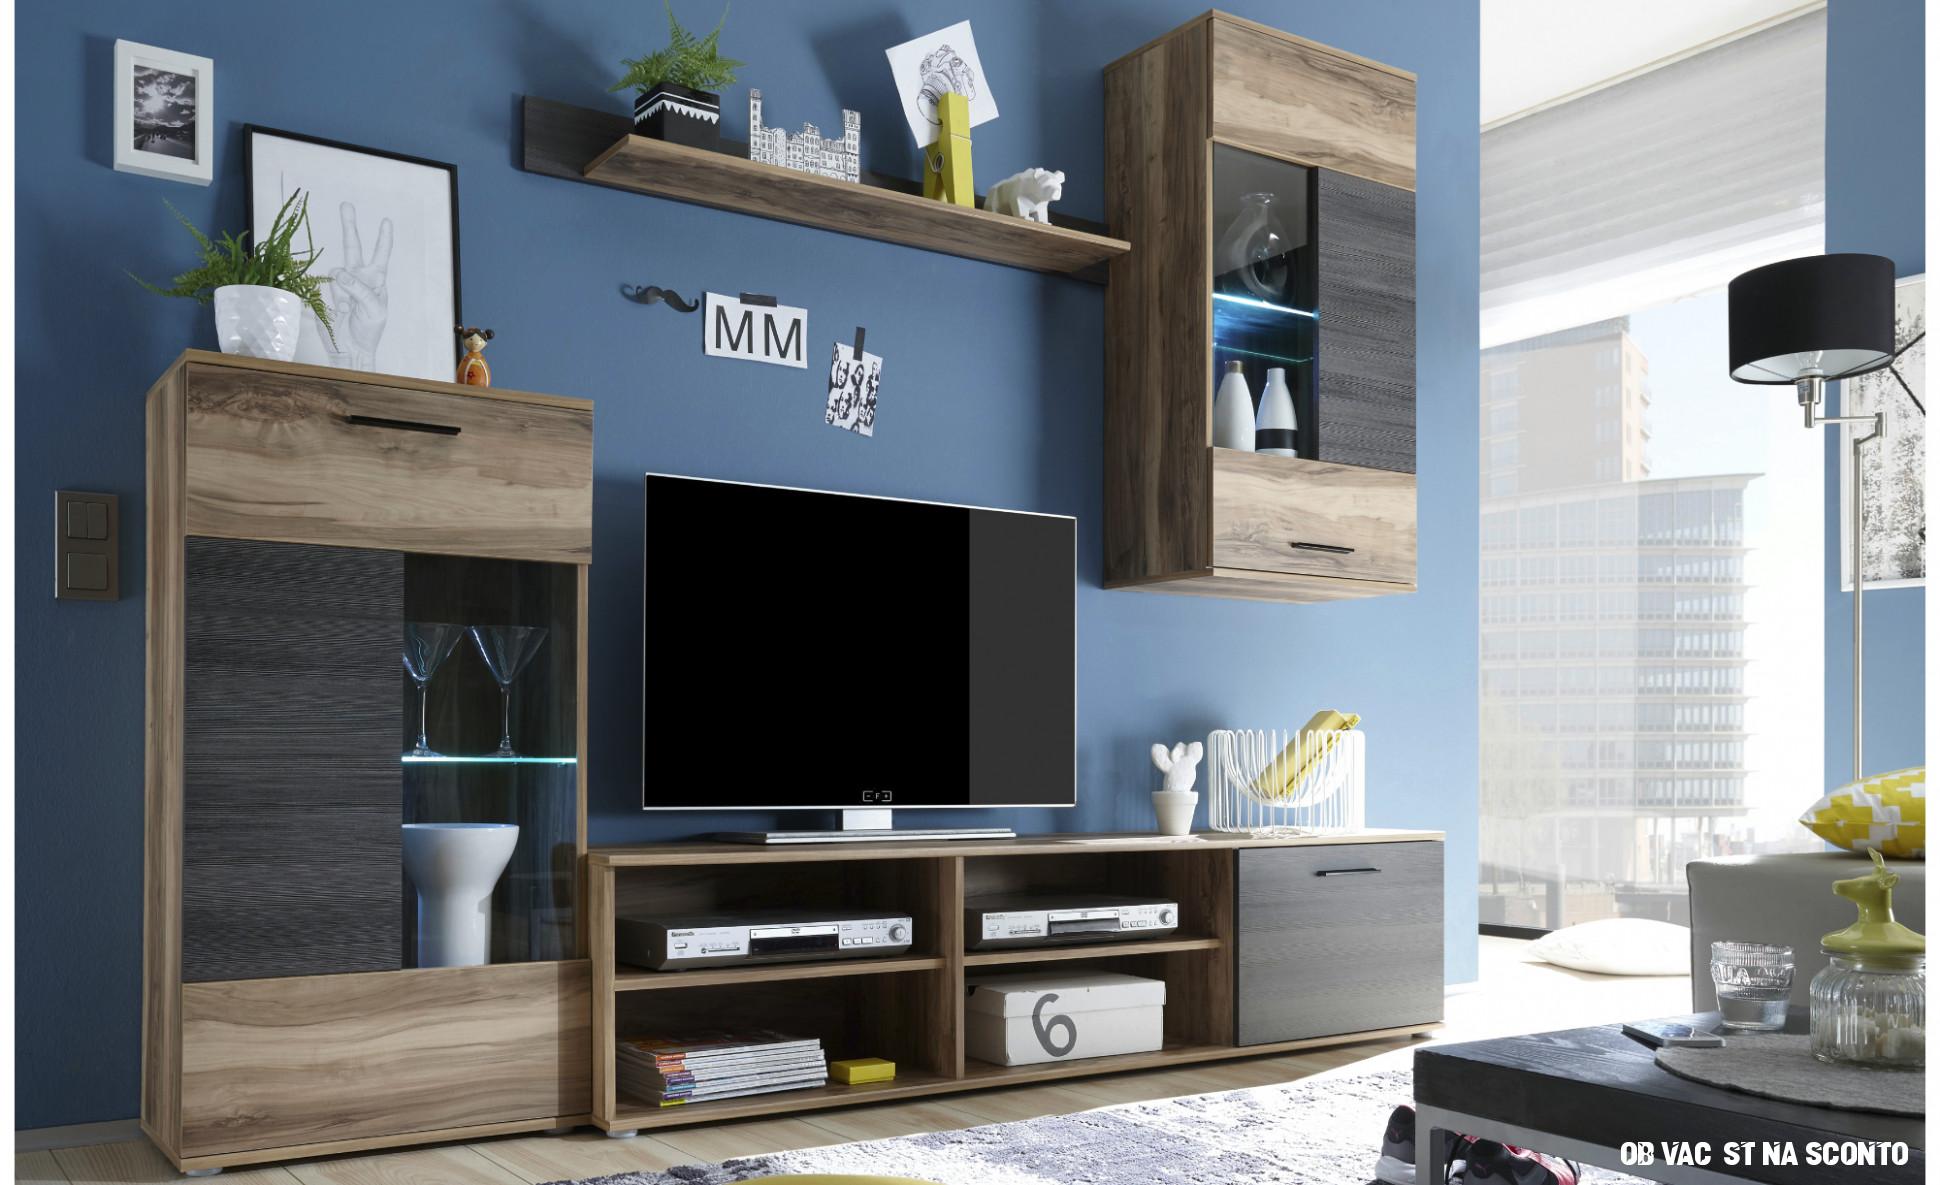 Nejlepší fotografie nápady Obývací stěna sconto idea